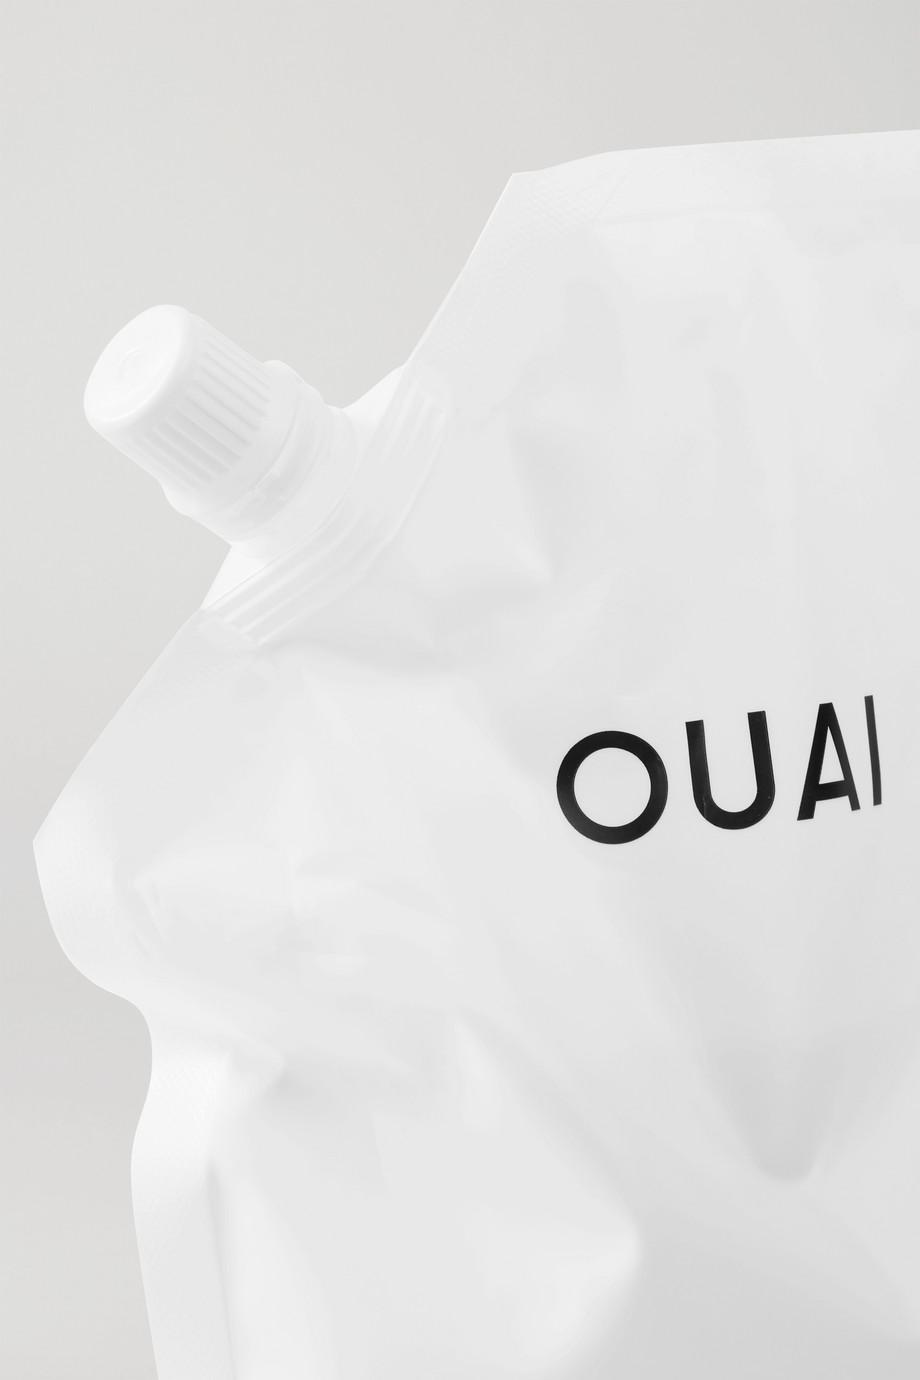 OUAI Haircare Detox Shampoo Refill, 946 ml – Nachfüll-Shampoo